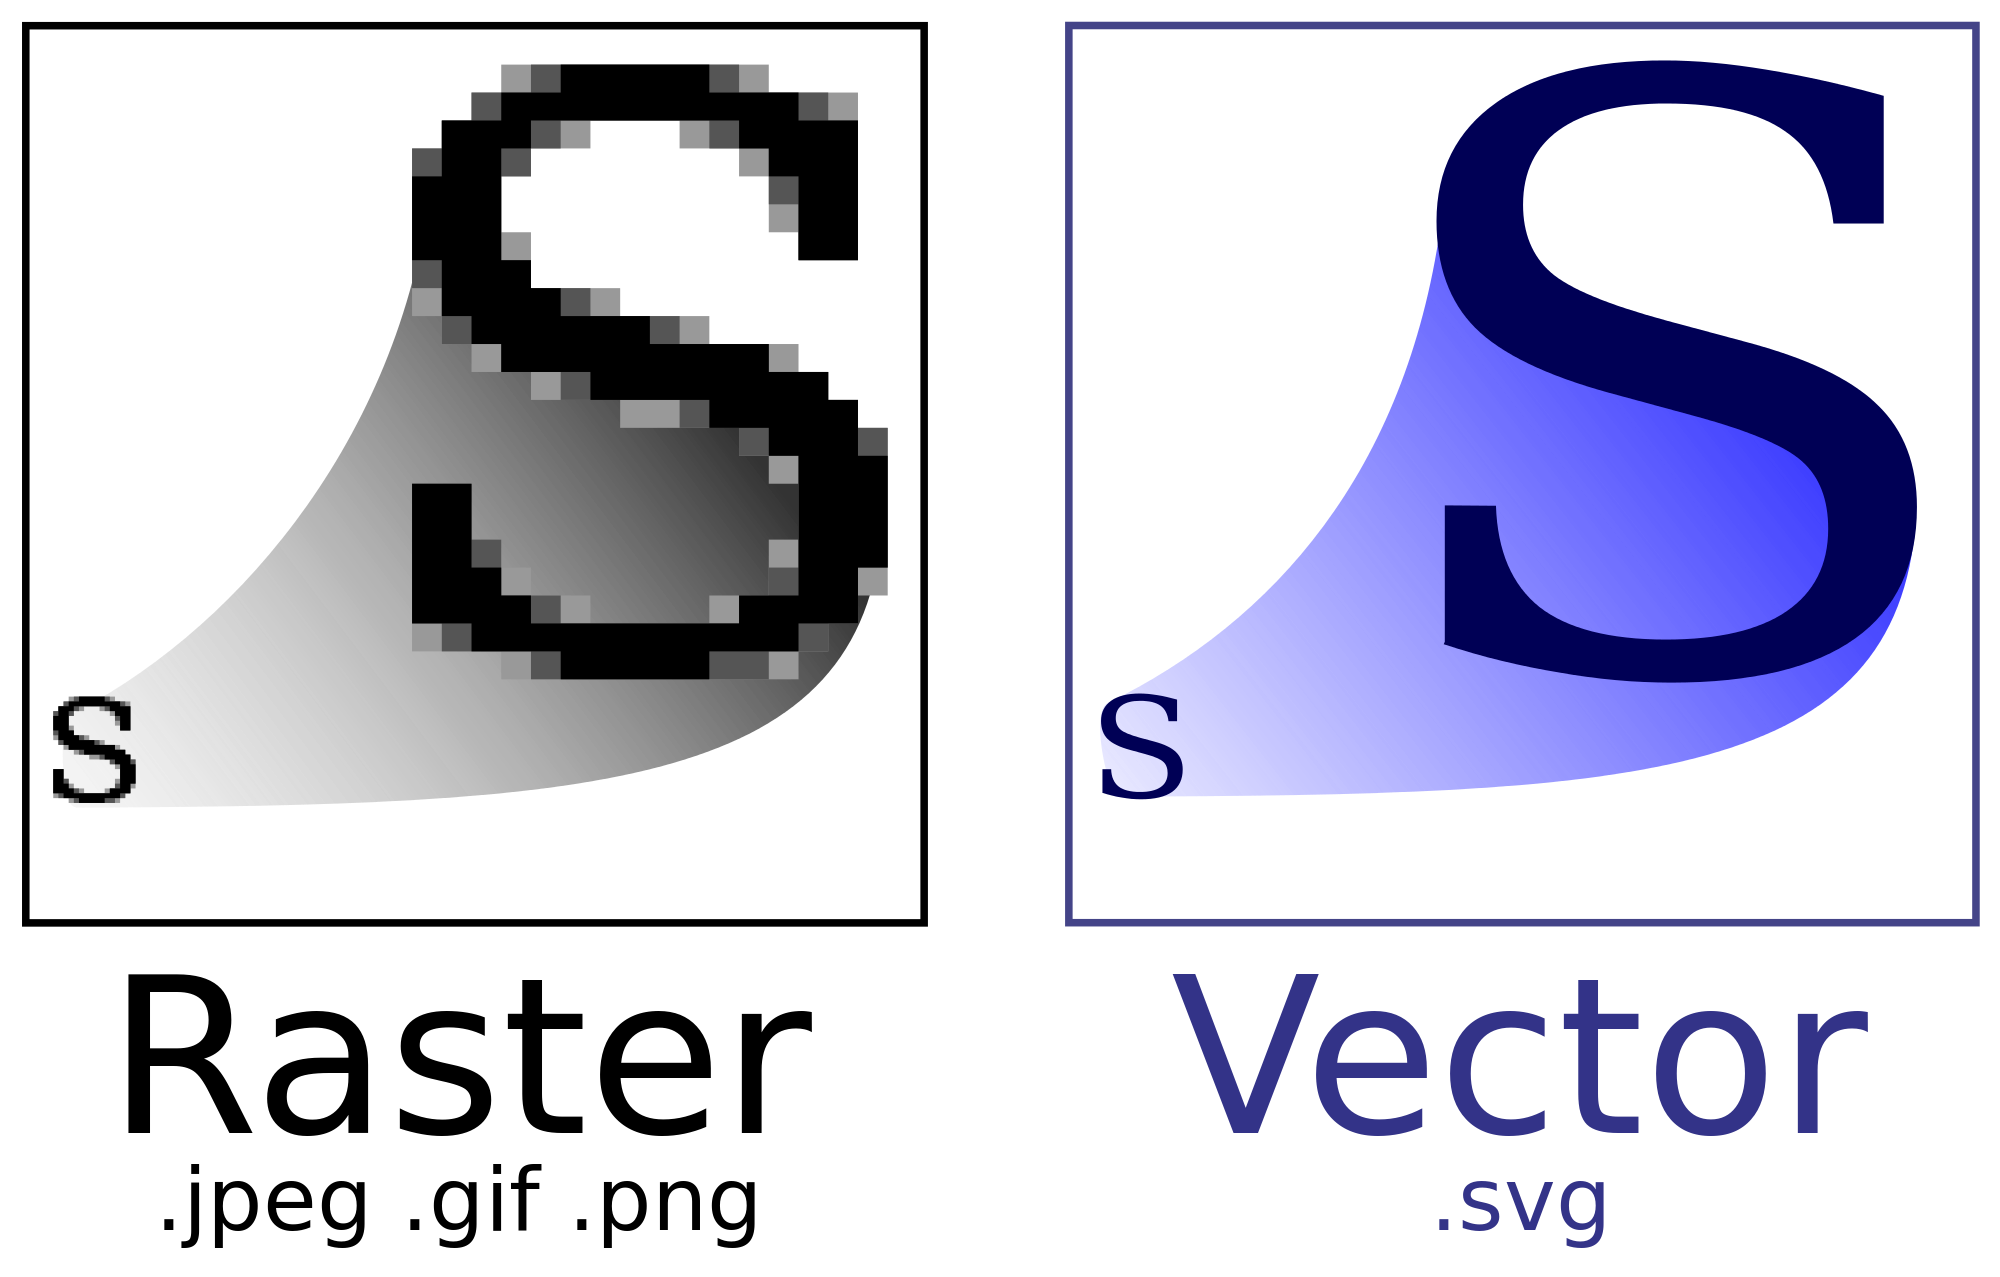 2000x1277 Filebitmap Vs Svg.svg